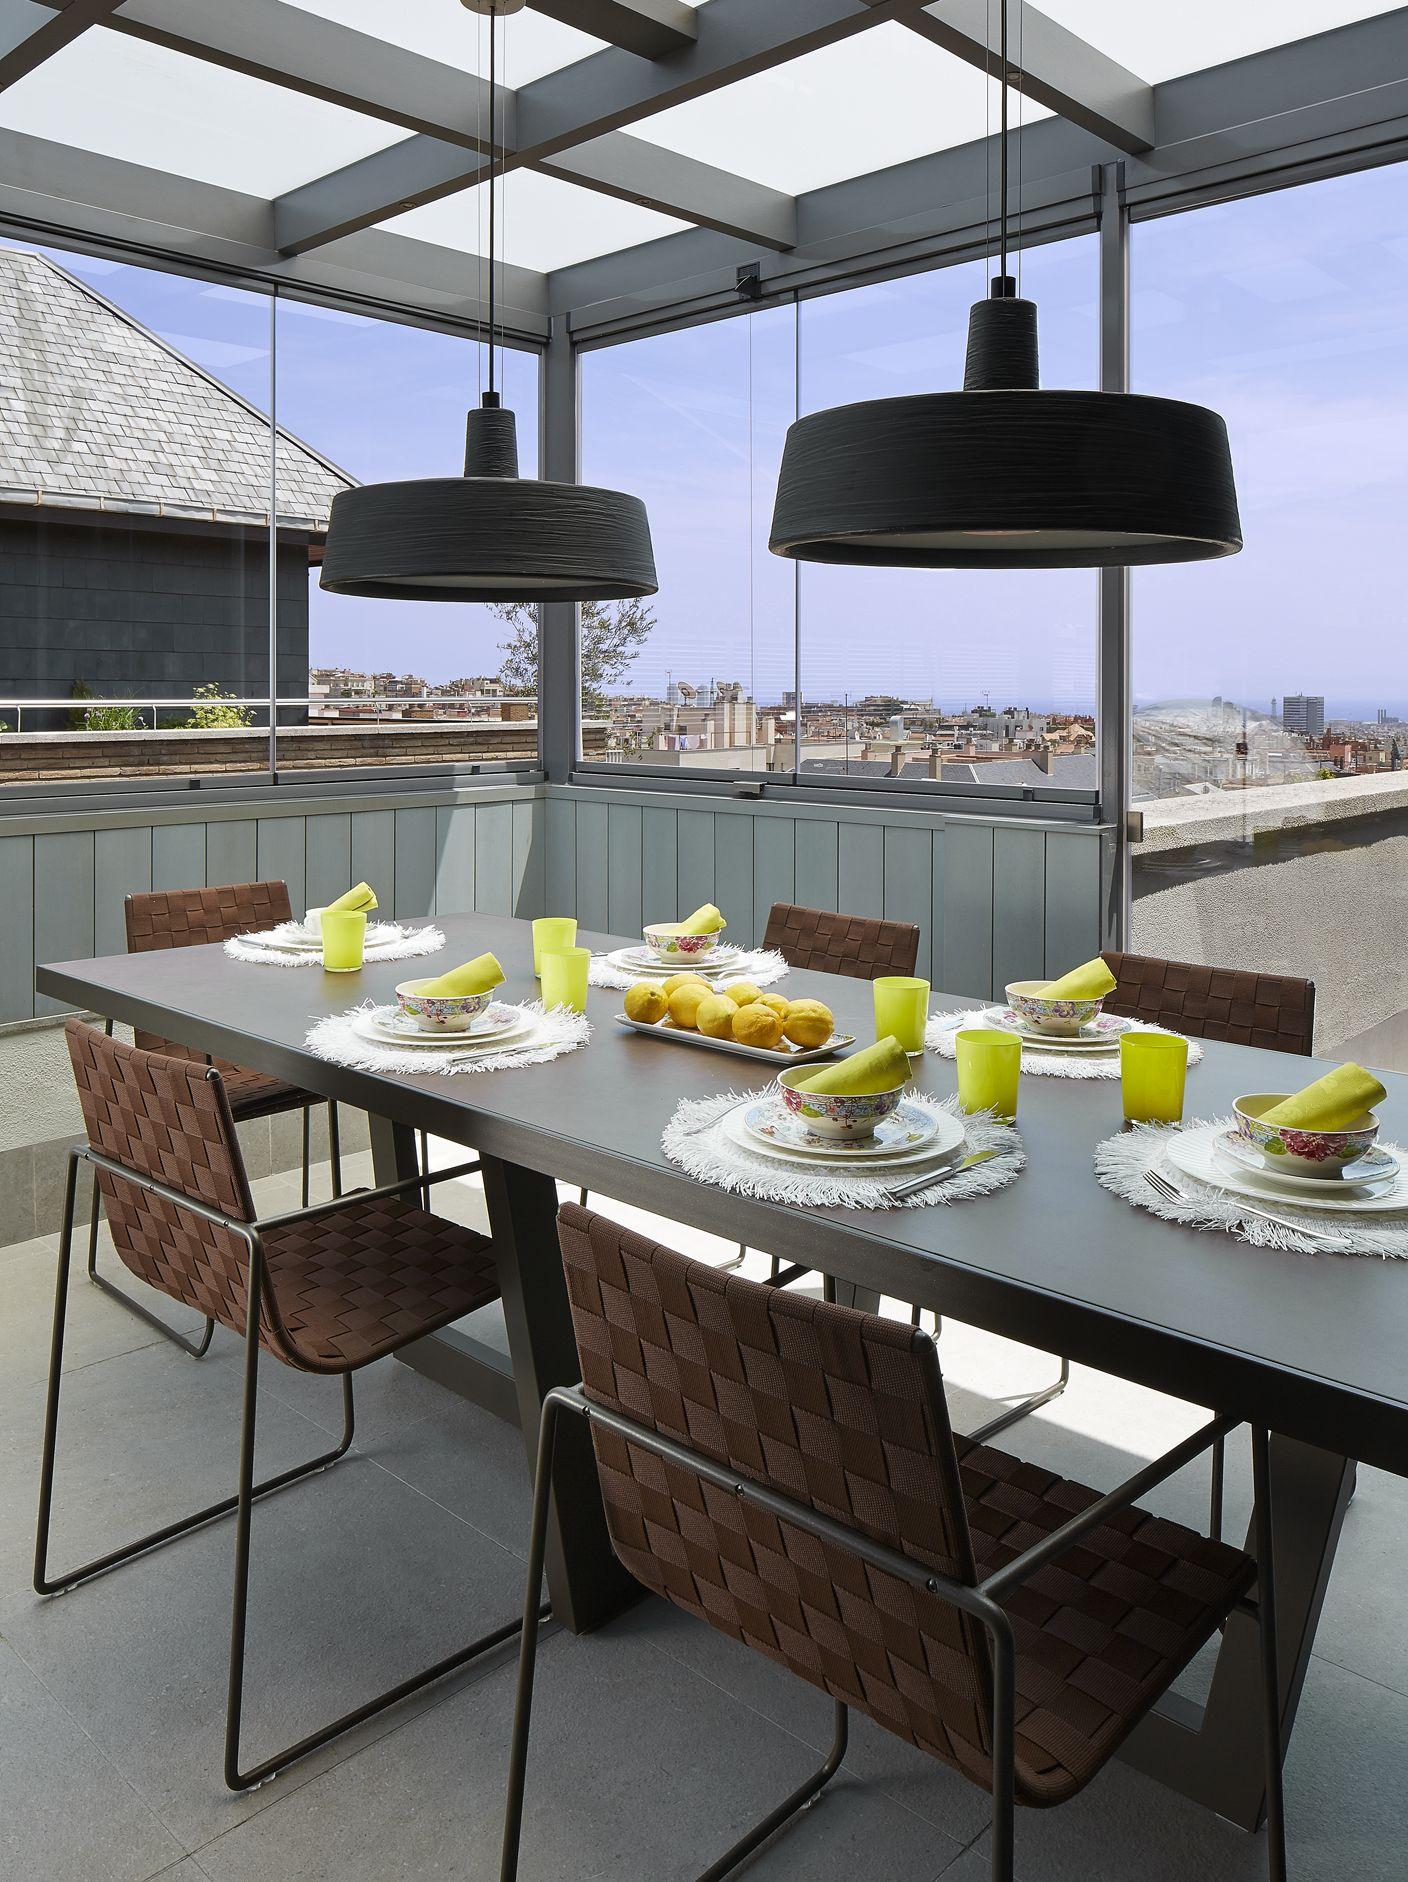 Molins interiors arquitectura interior interiorismo for Mesas de comedor para exterior